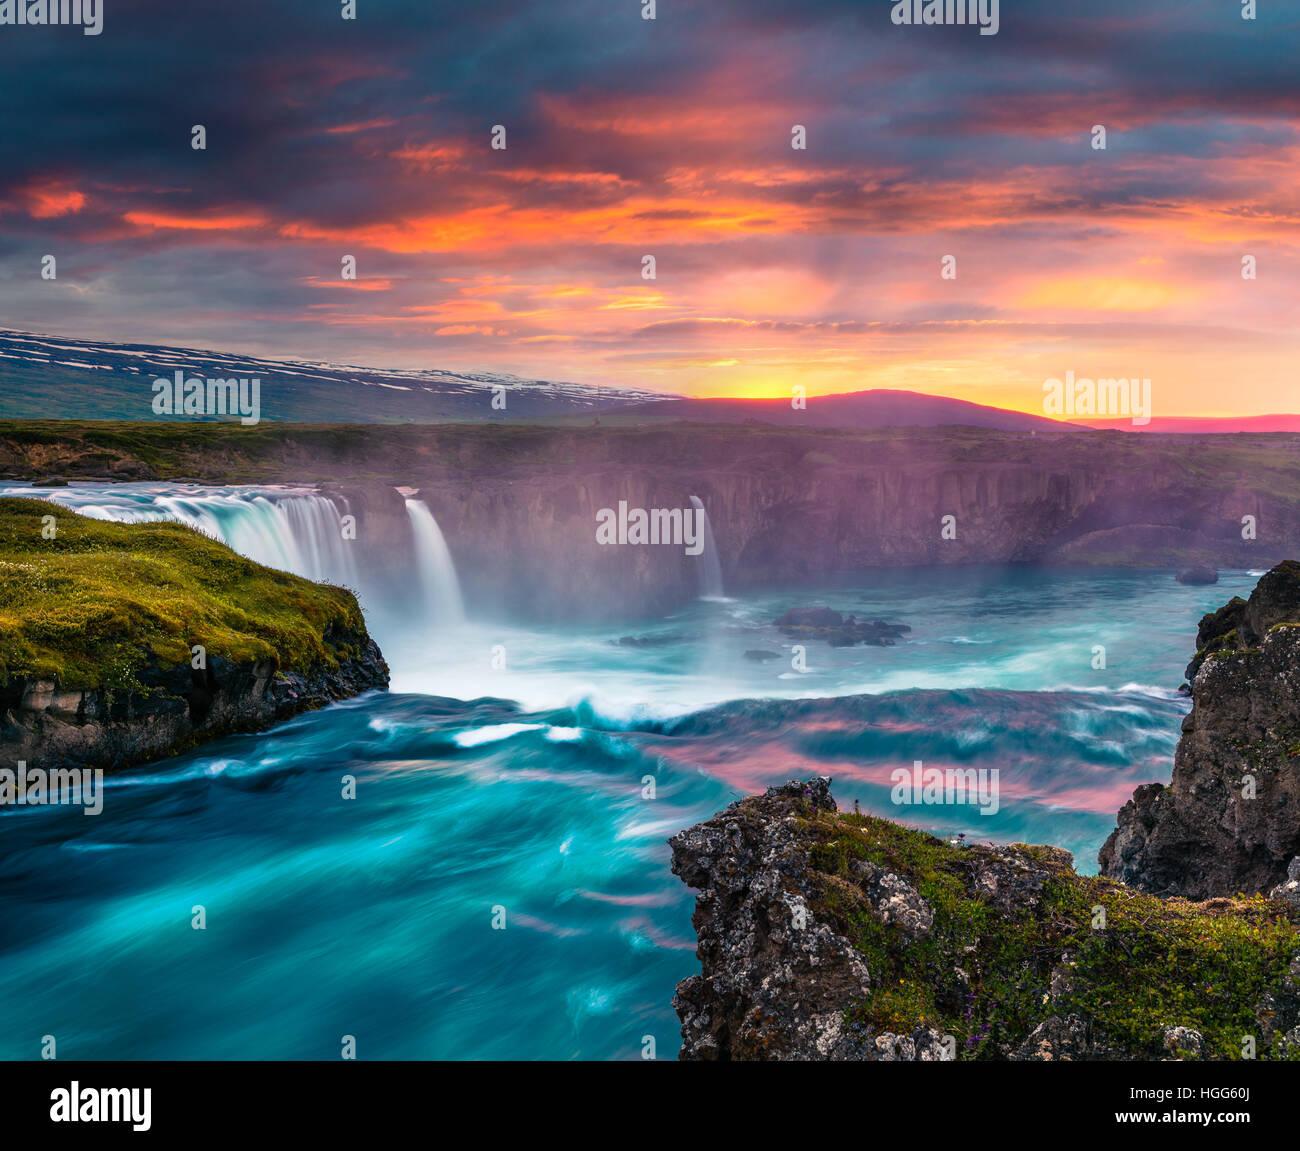 Mattinata estiva di scena sul Godafoss cascata. Colorato tramonto sul fiume Skjalfandafljot, Islanda, l'Europa. Immagini Stock